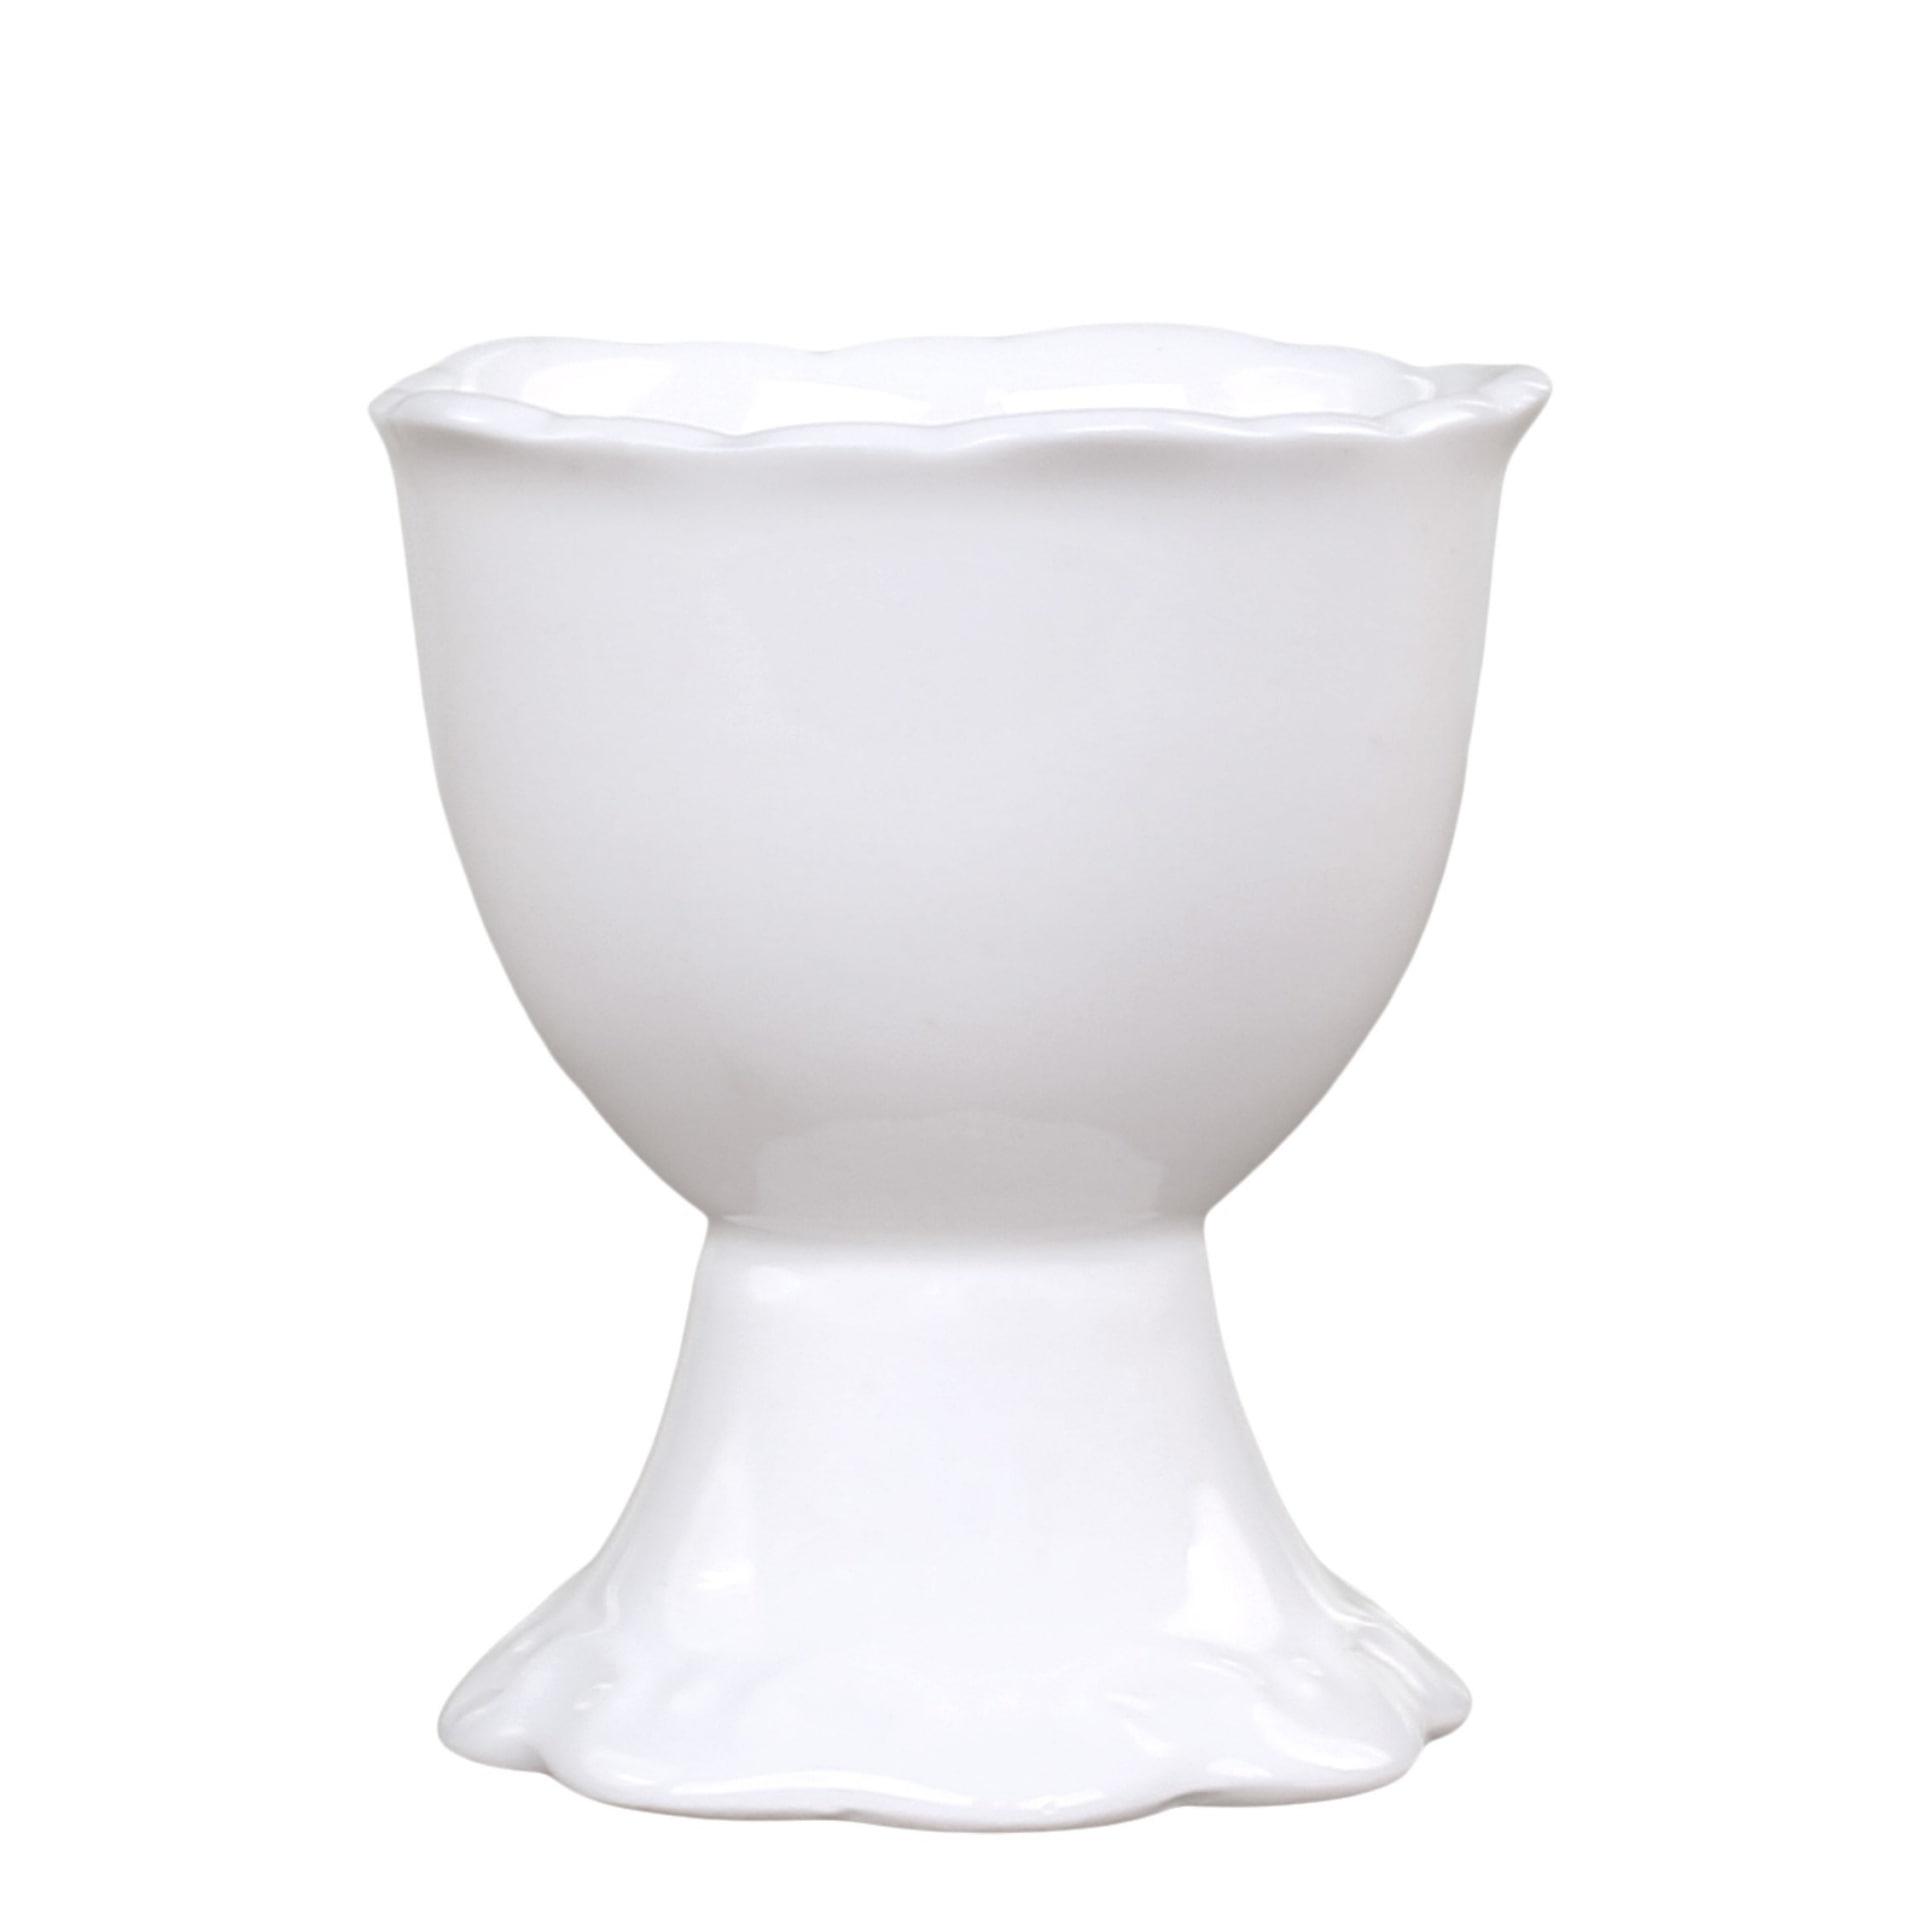 Chic Antique Porcelánový stojánek na vejce Provence, bílá barva, porcelán